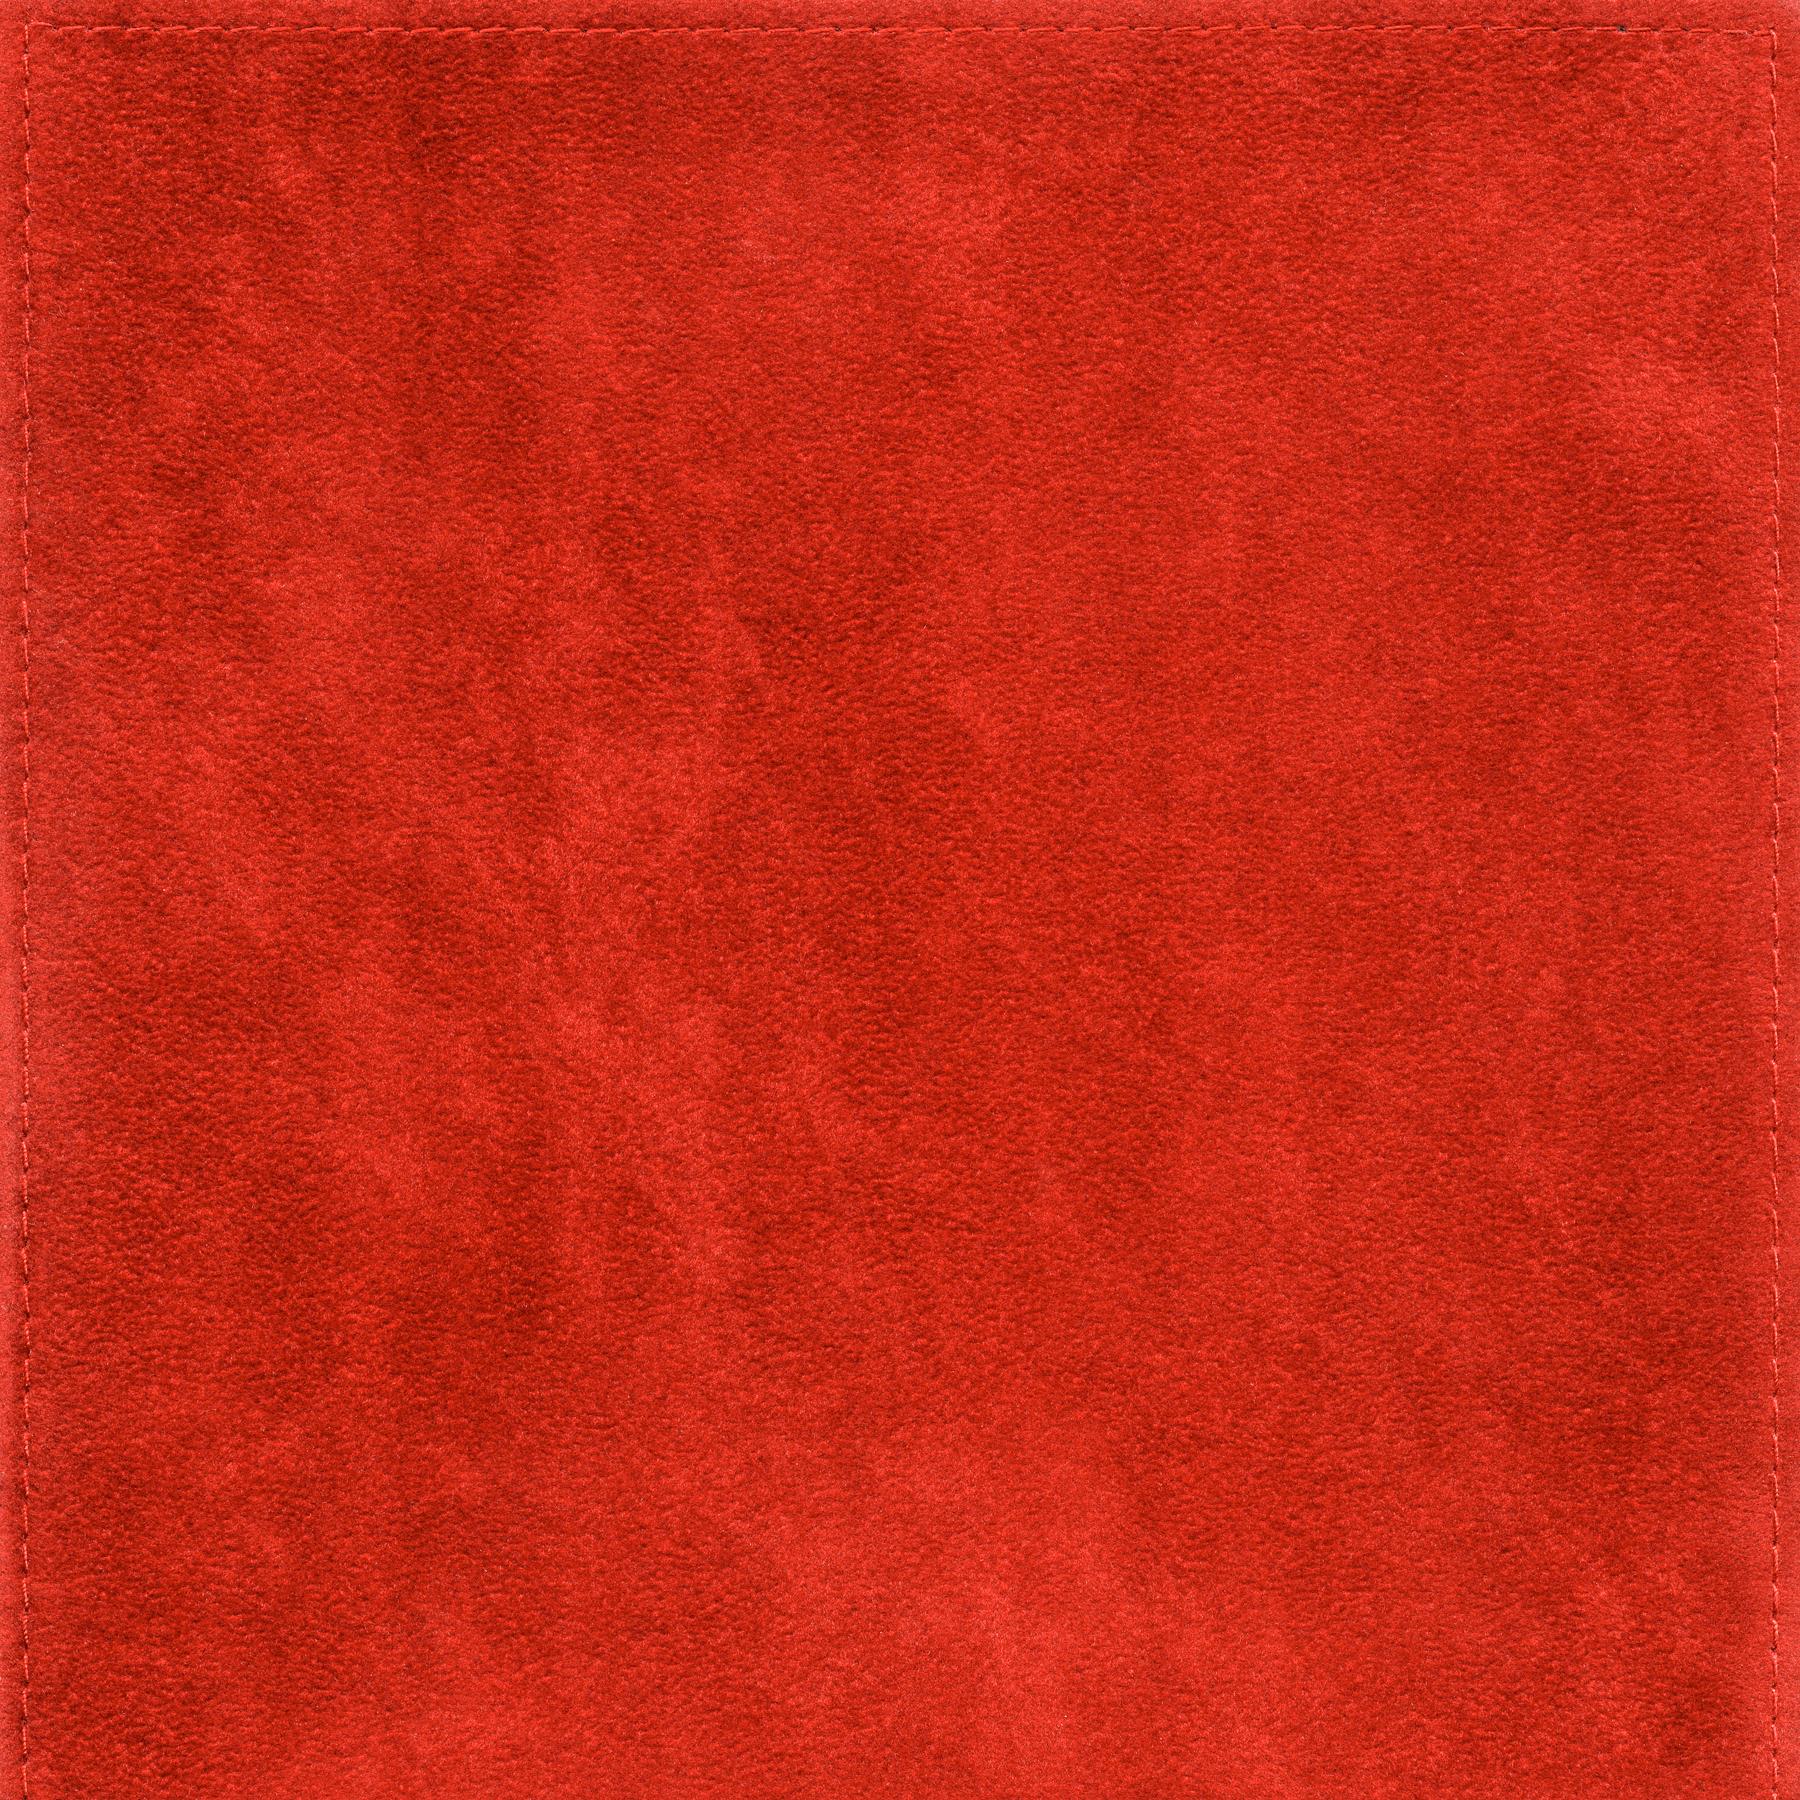 Red Velvet Texture, Stitches, Stitch, Stitched, Square, HQ Photo